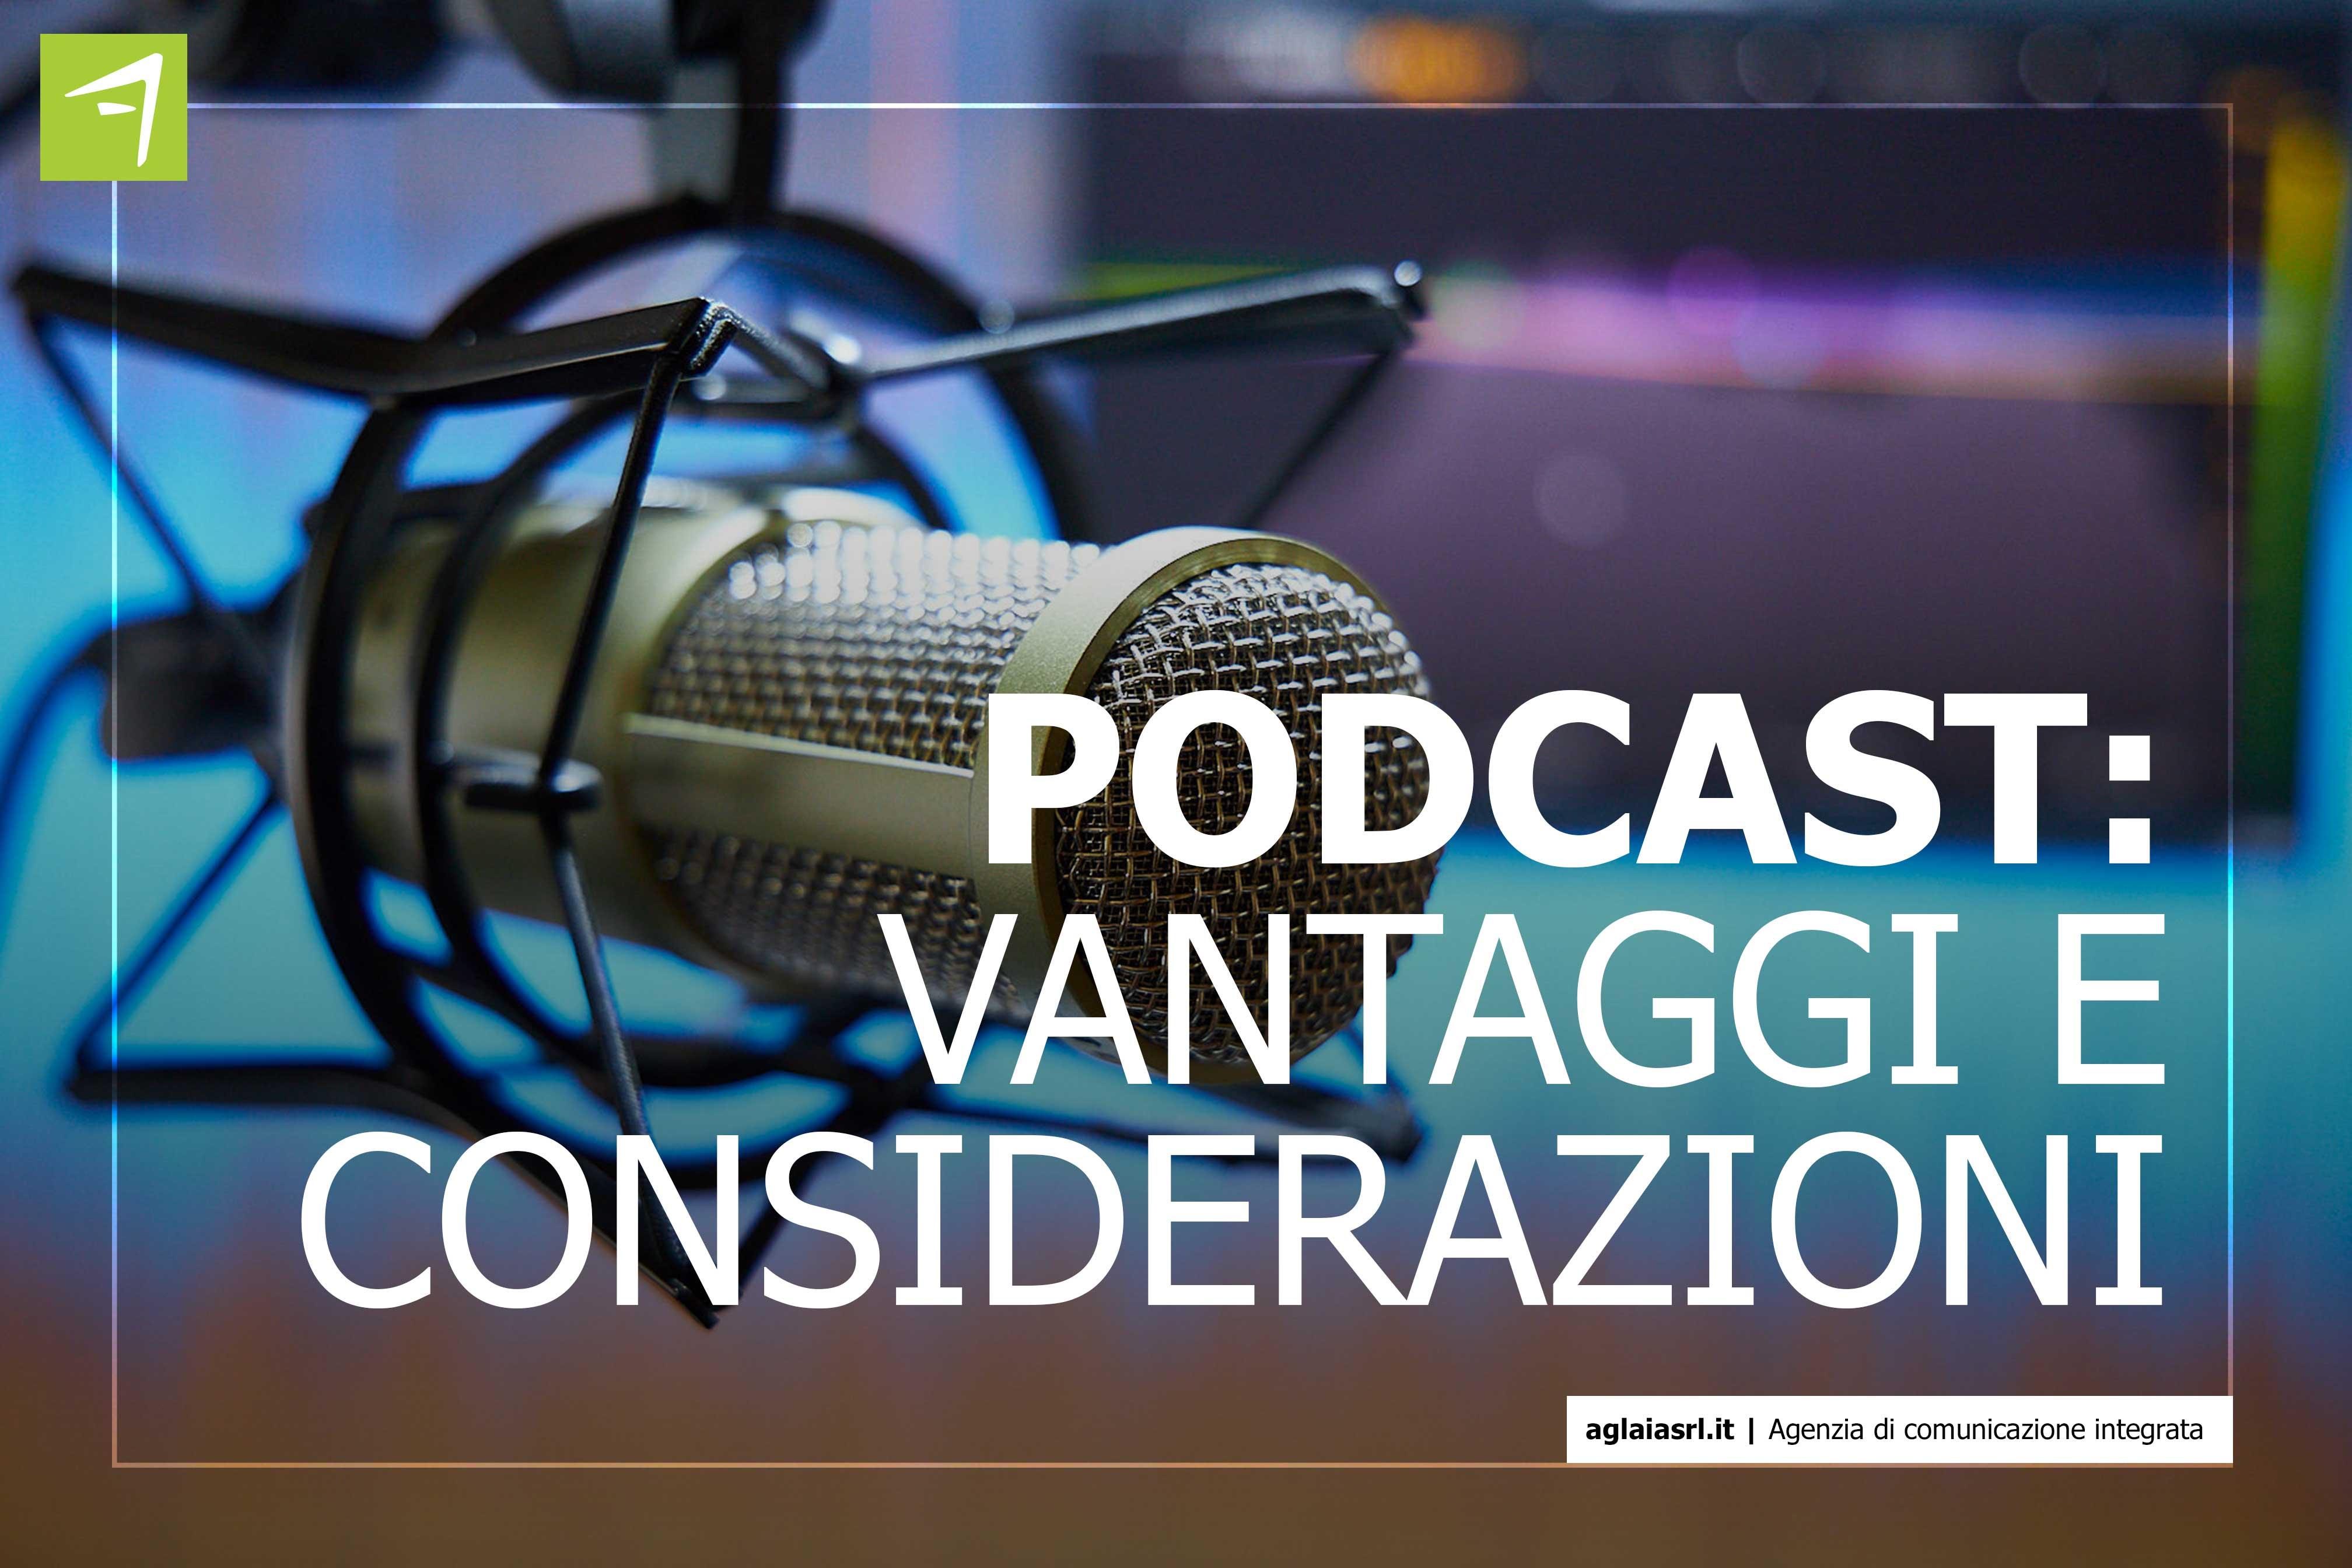 vantaggi podcast